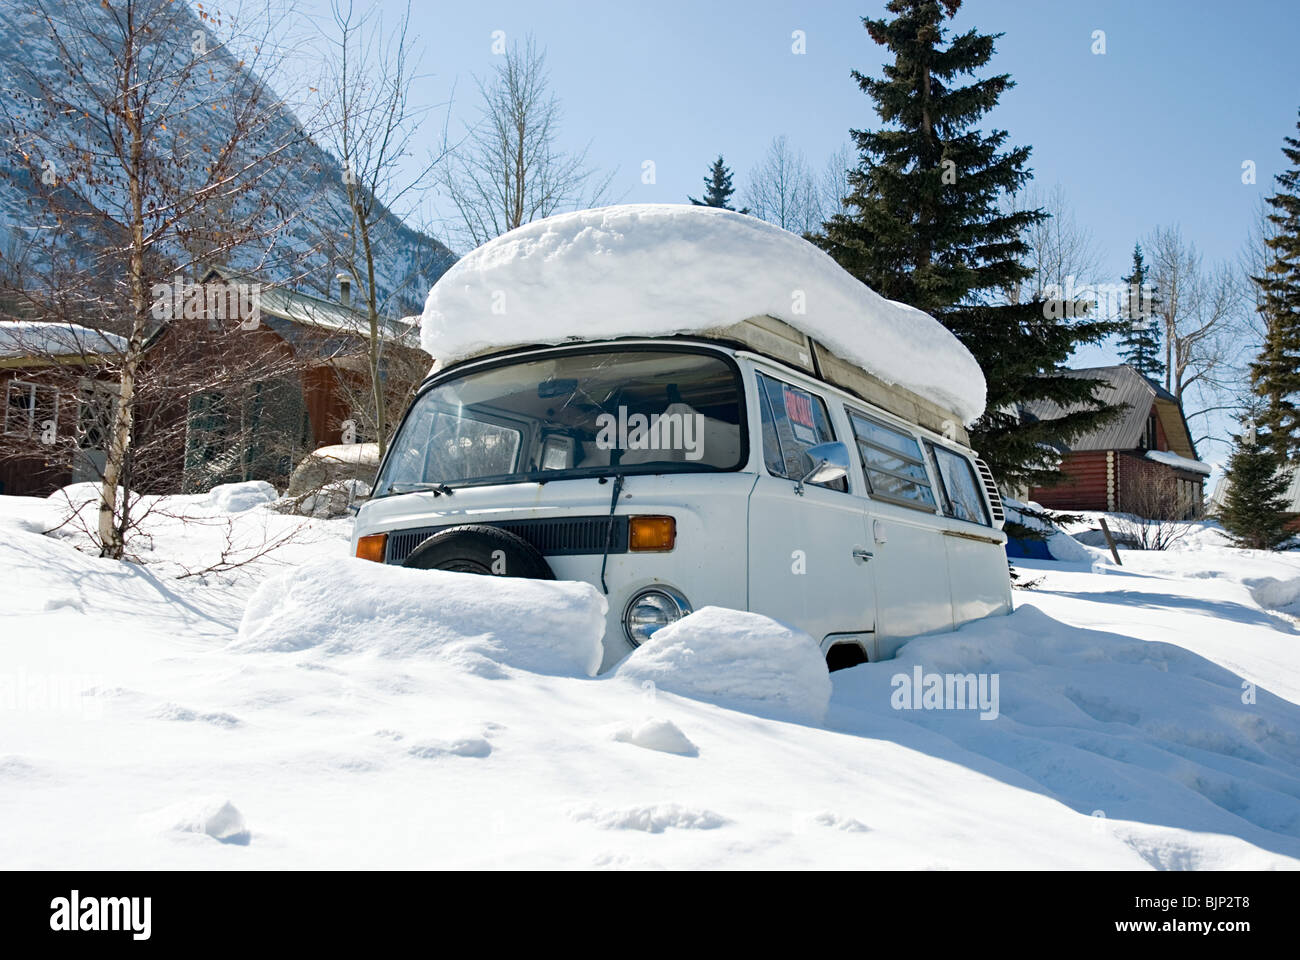 vans snowfall